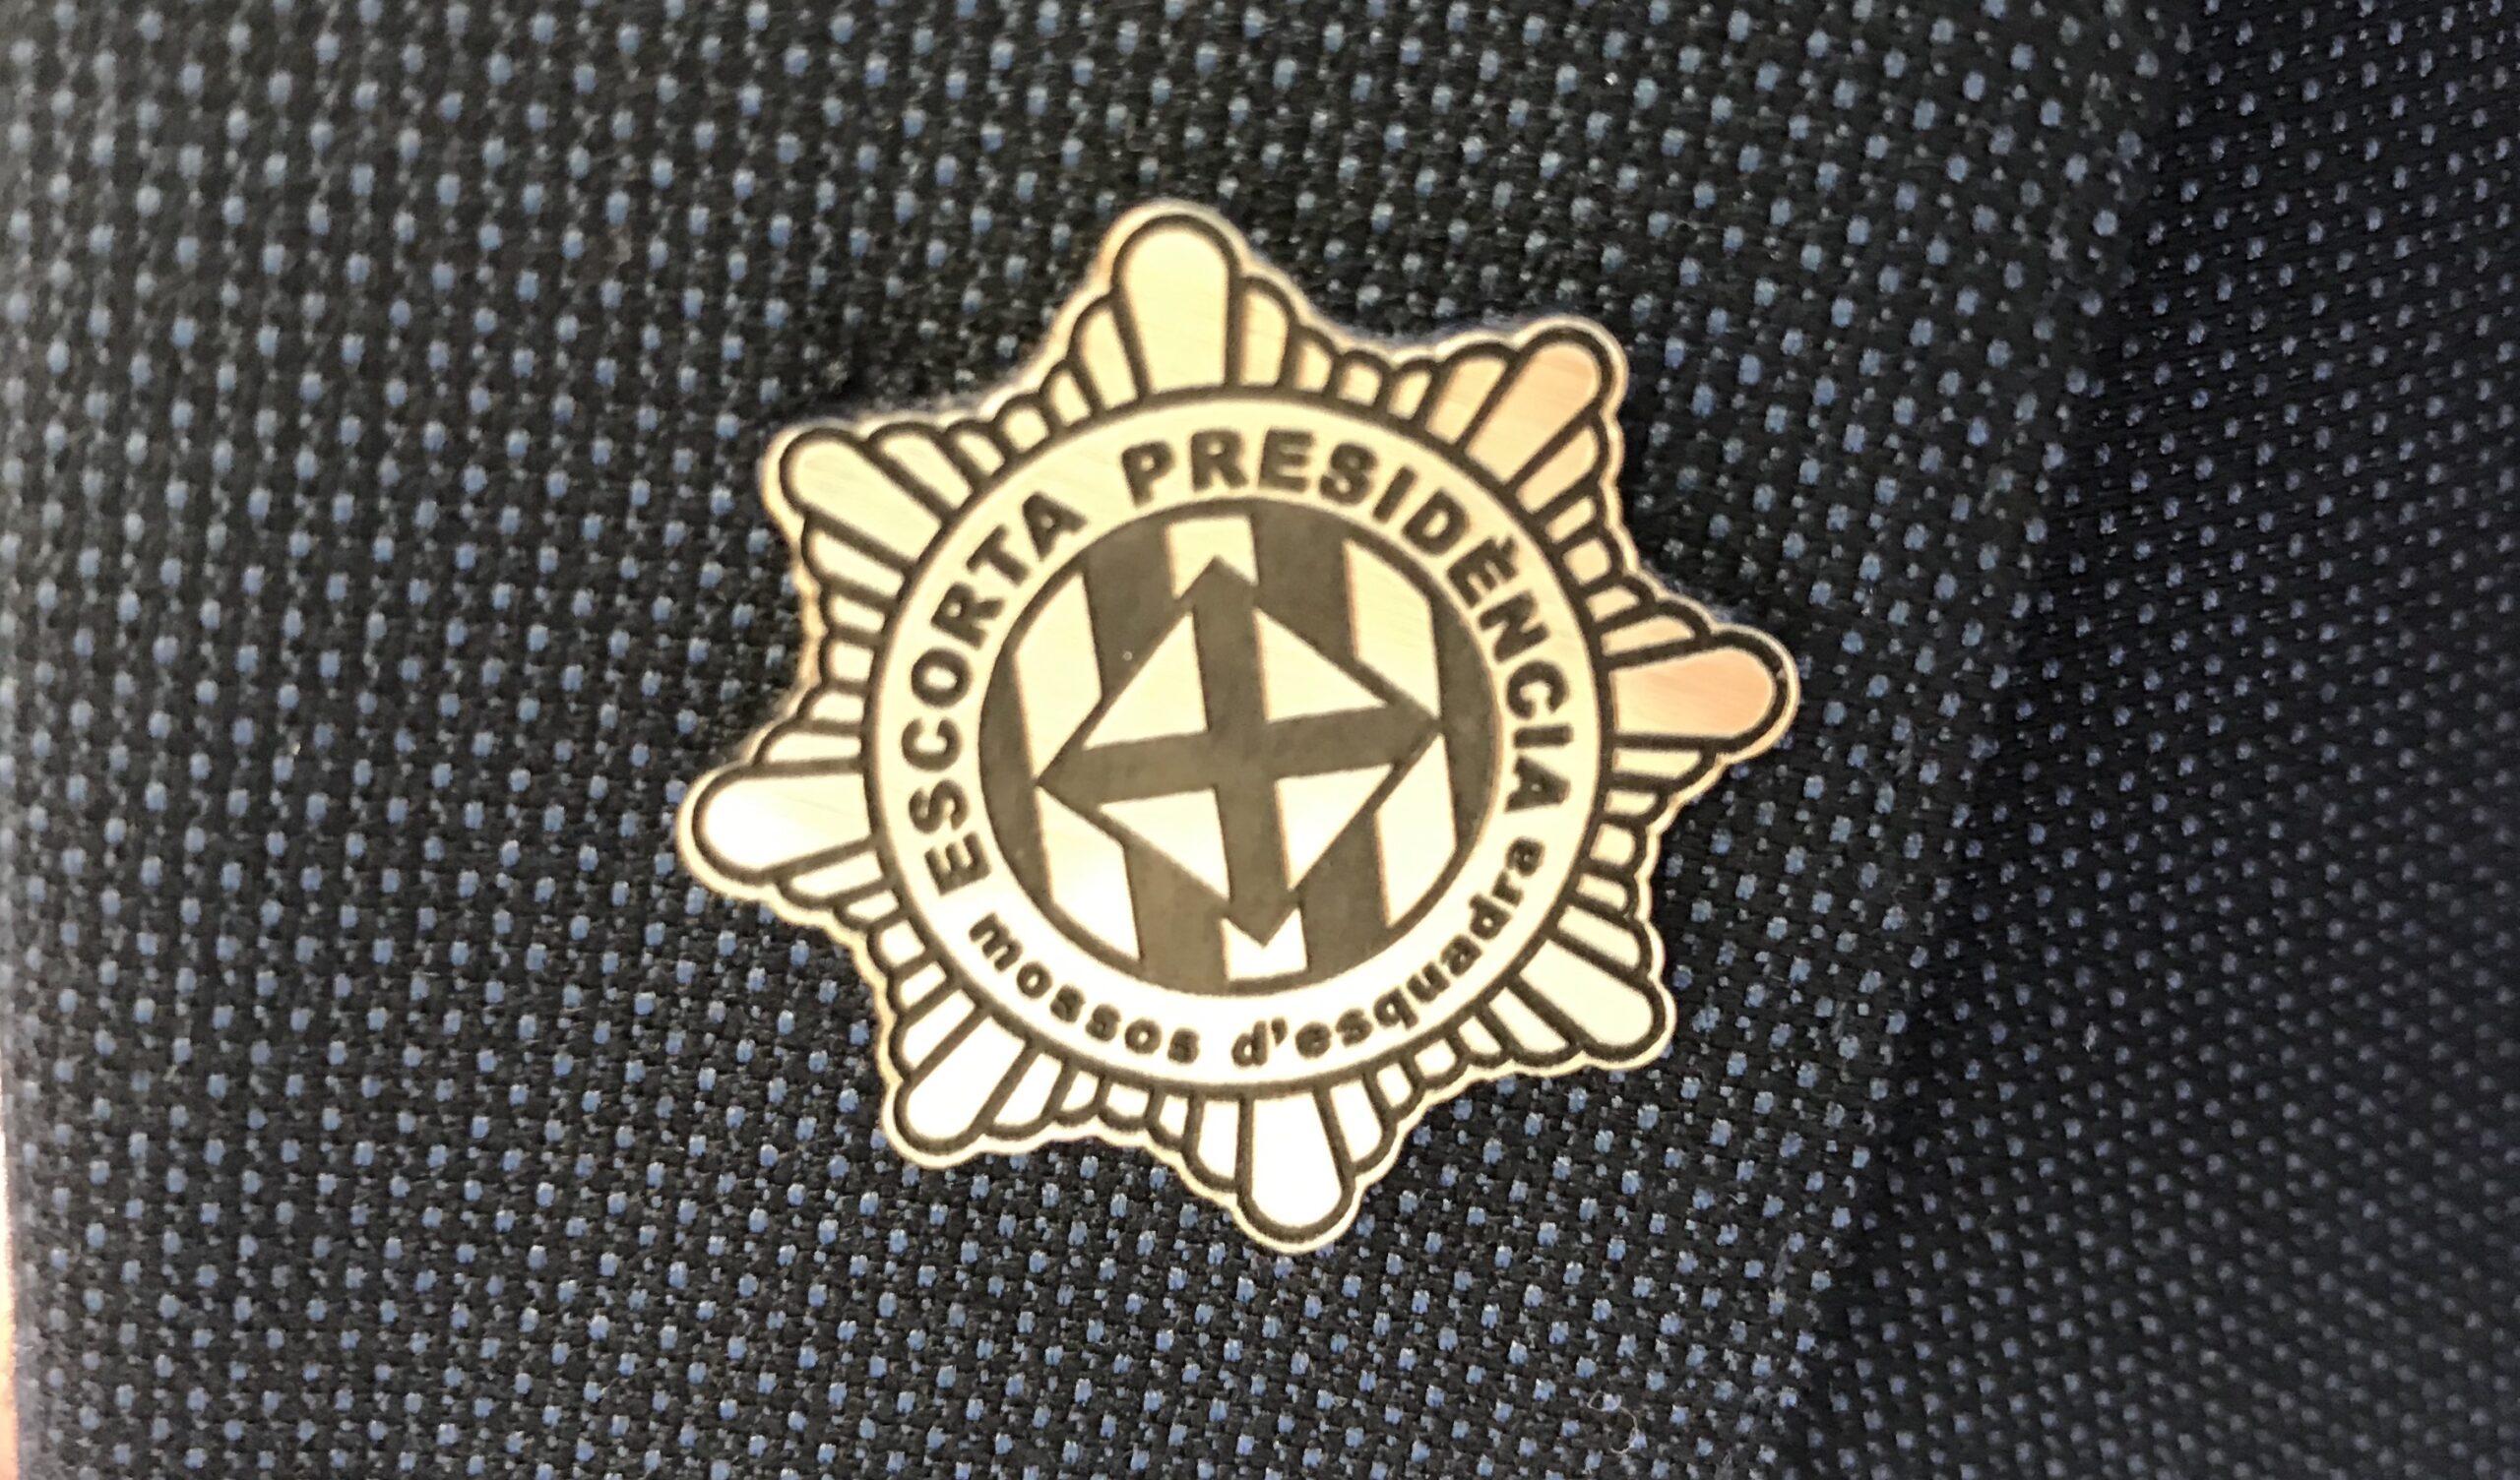 La insígnia dels escortes presidencials/Quico Sallés